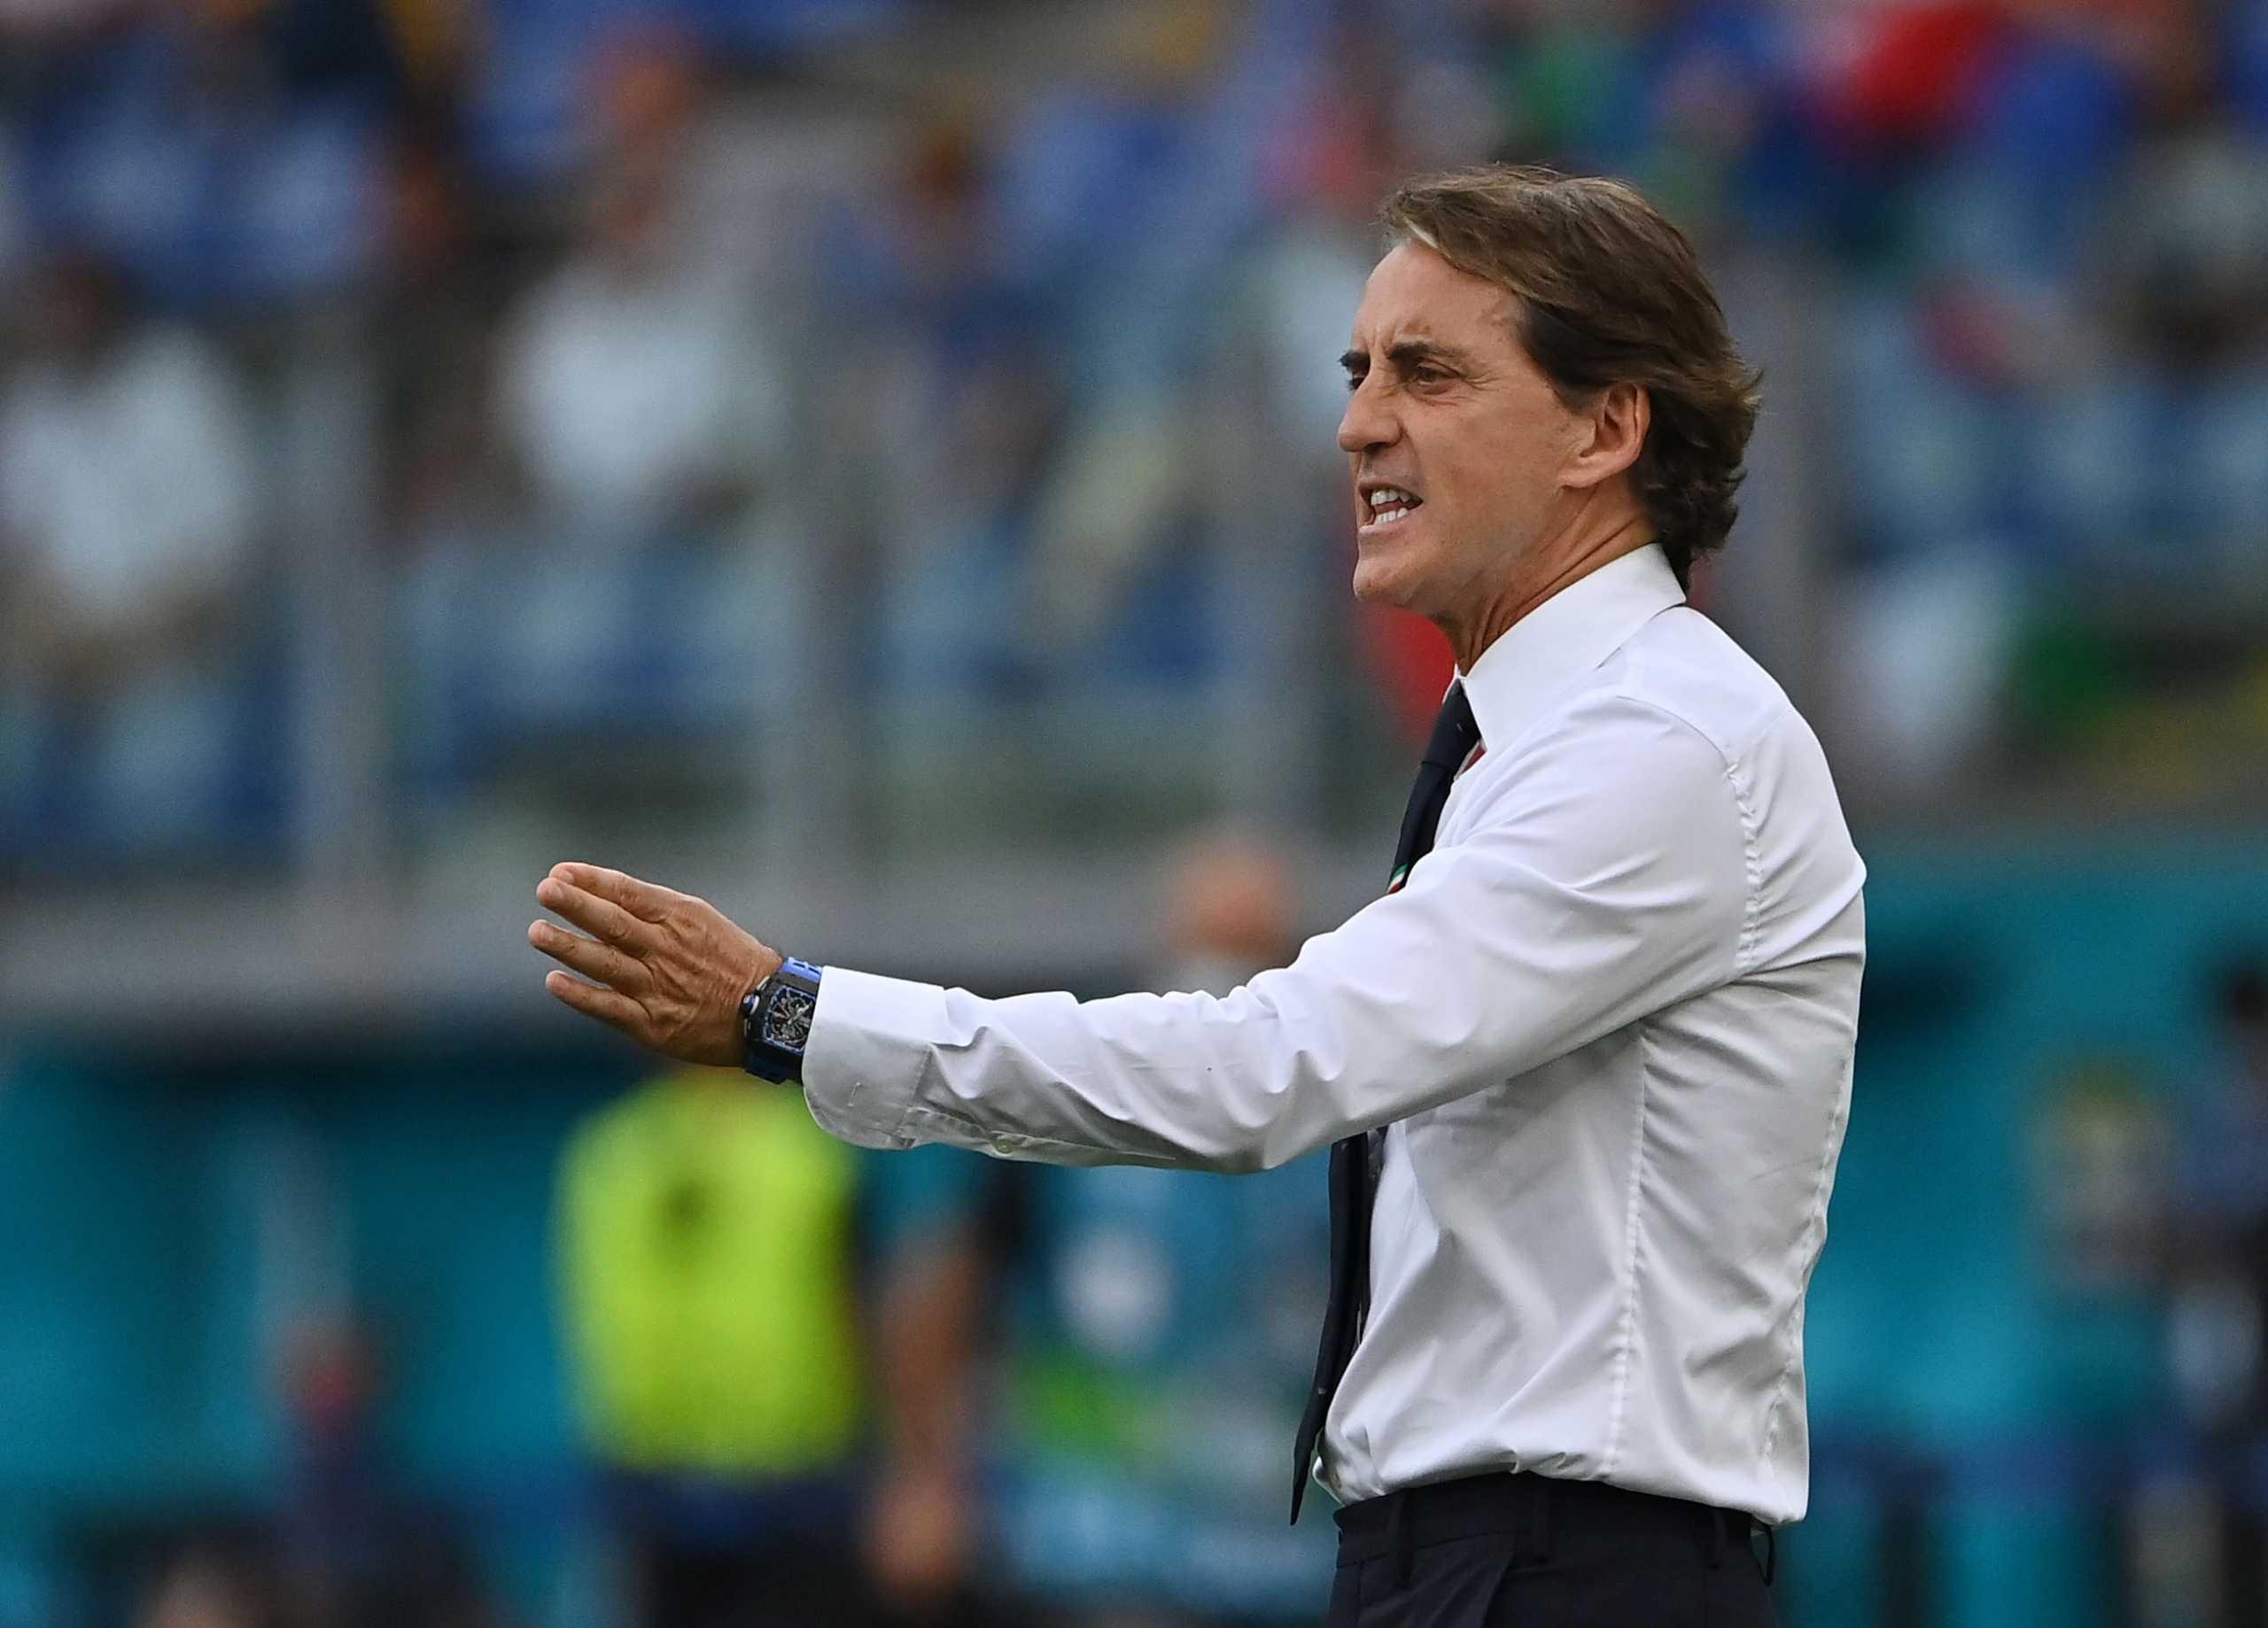 Euro 2020: Η ατάκα του Μαντσίνι στους παίκτες της Ιταλίας μετά την πρόκριση, «μας έμεινε ένα ματς για τον τελικό και δύο για να το πάρουμε»